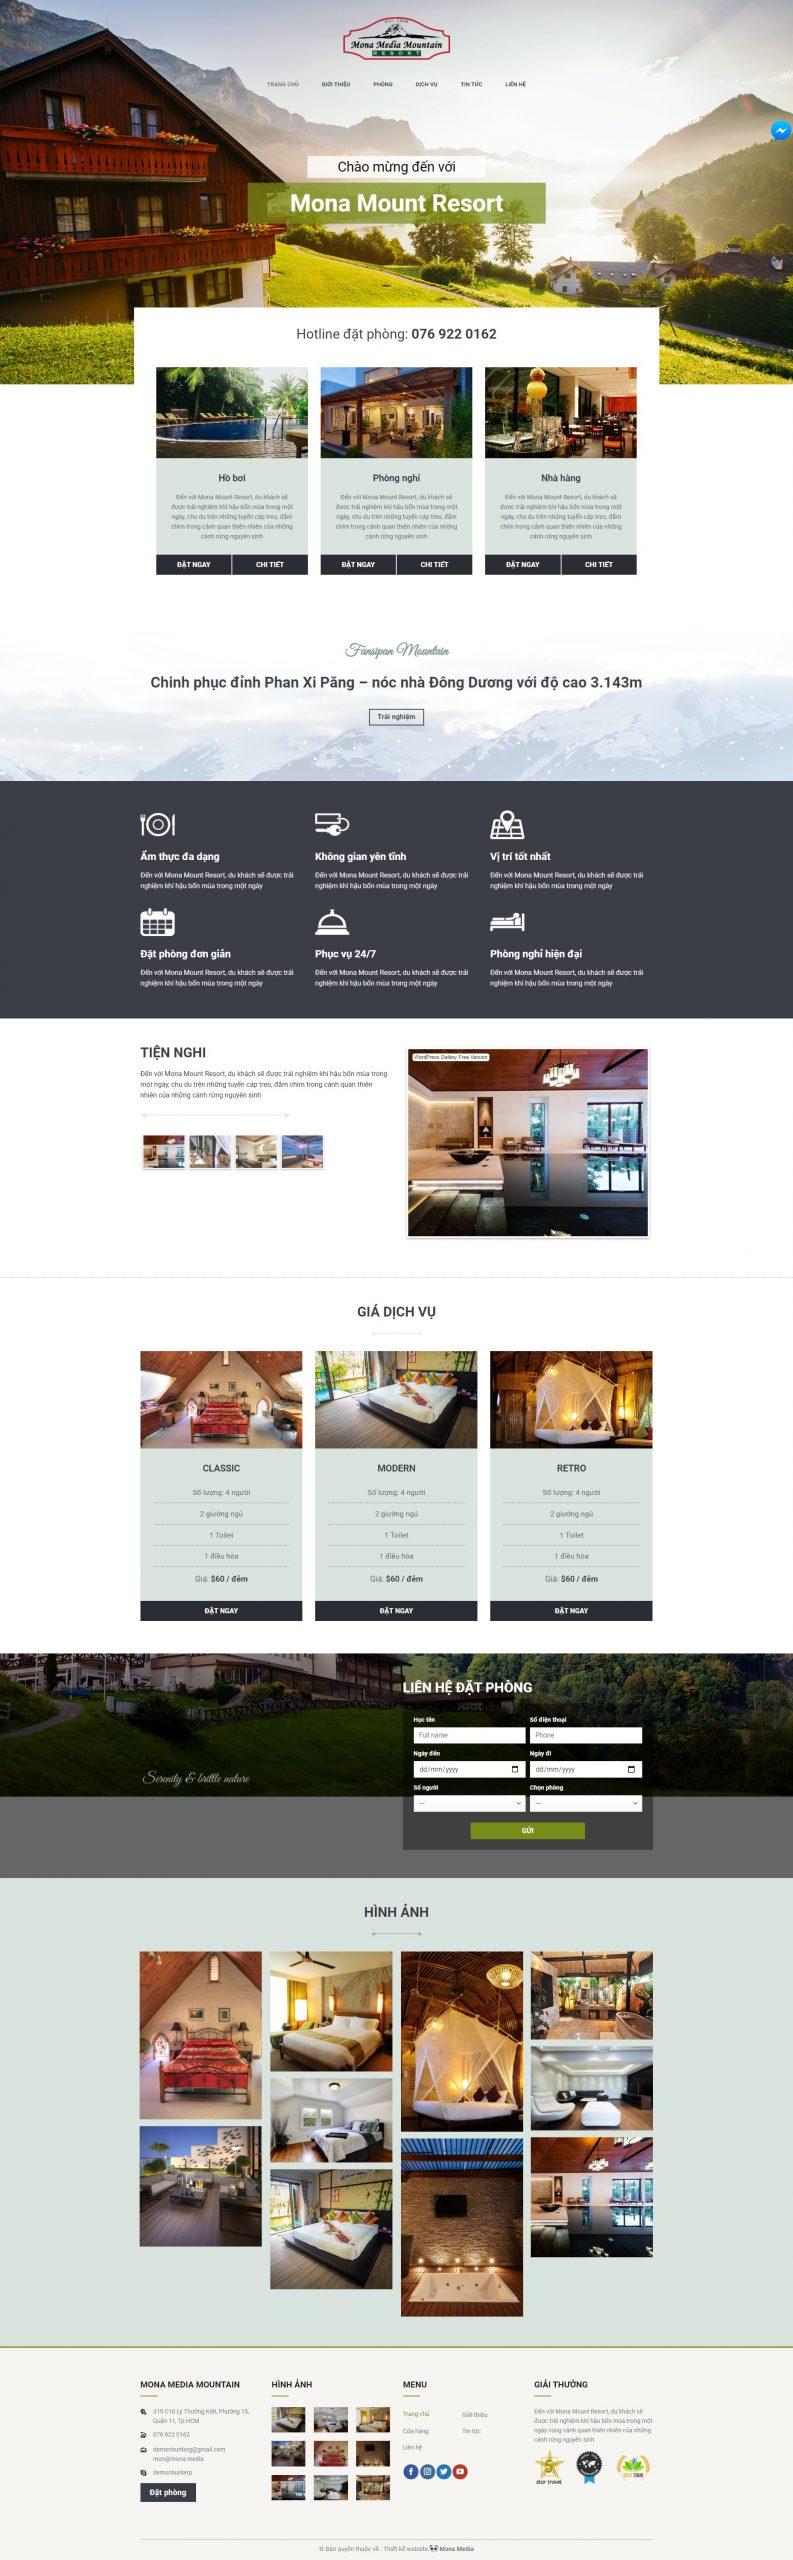 mẫu web khách sạn Mount